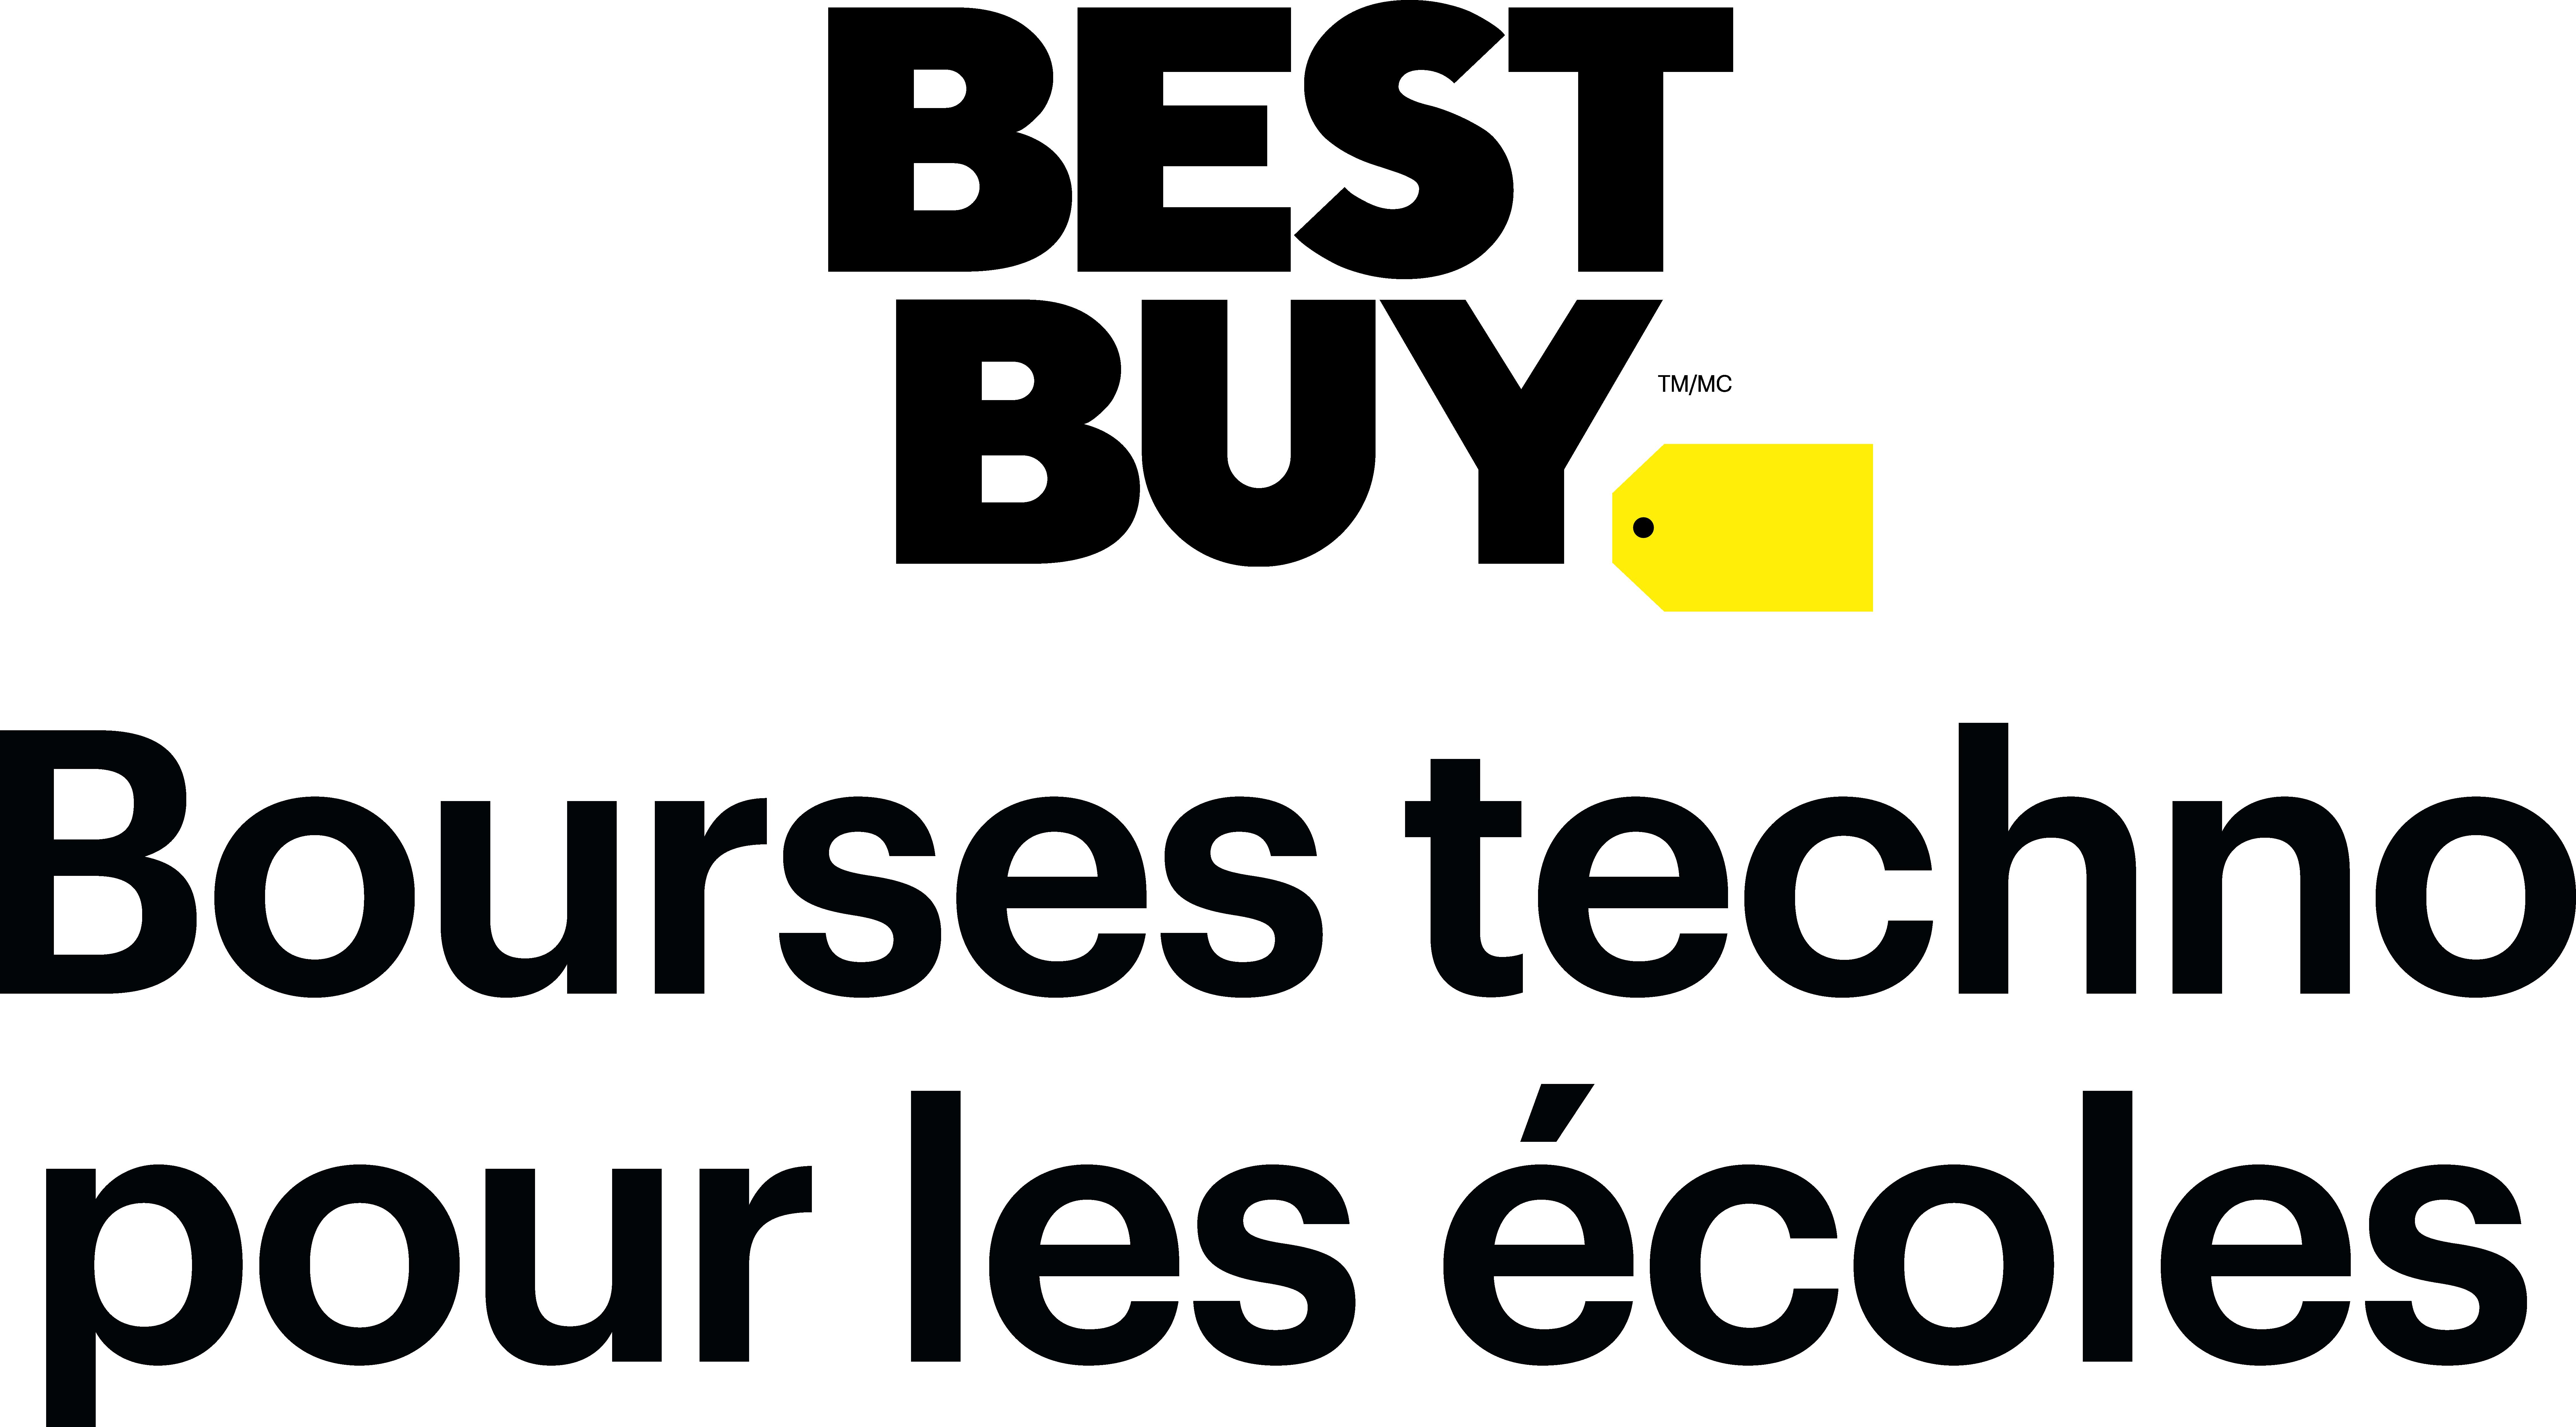 Les bourses Techno Best Buy pour les écoles